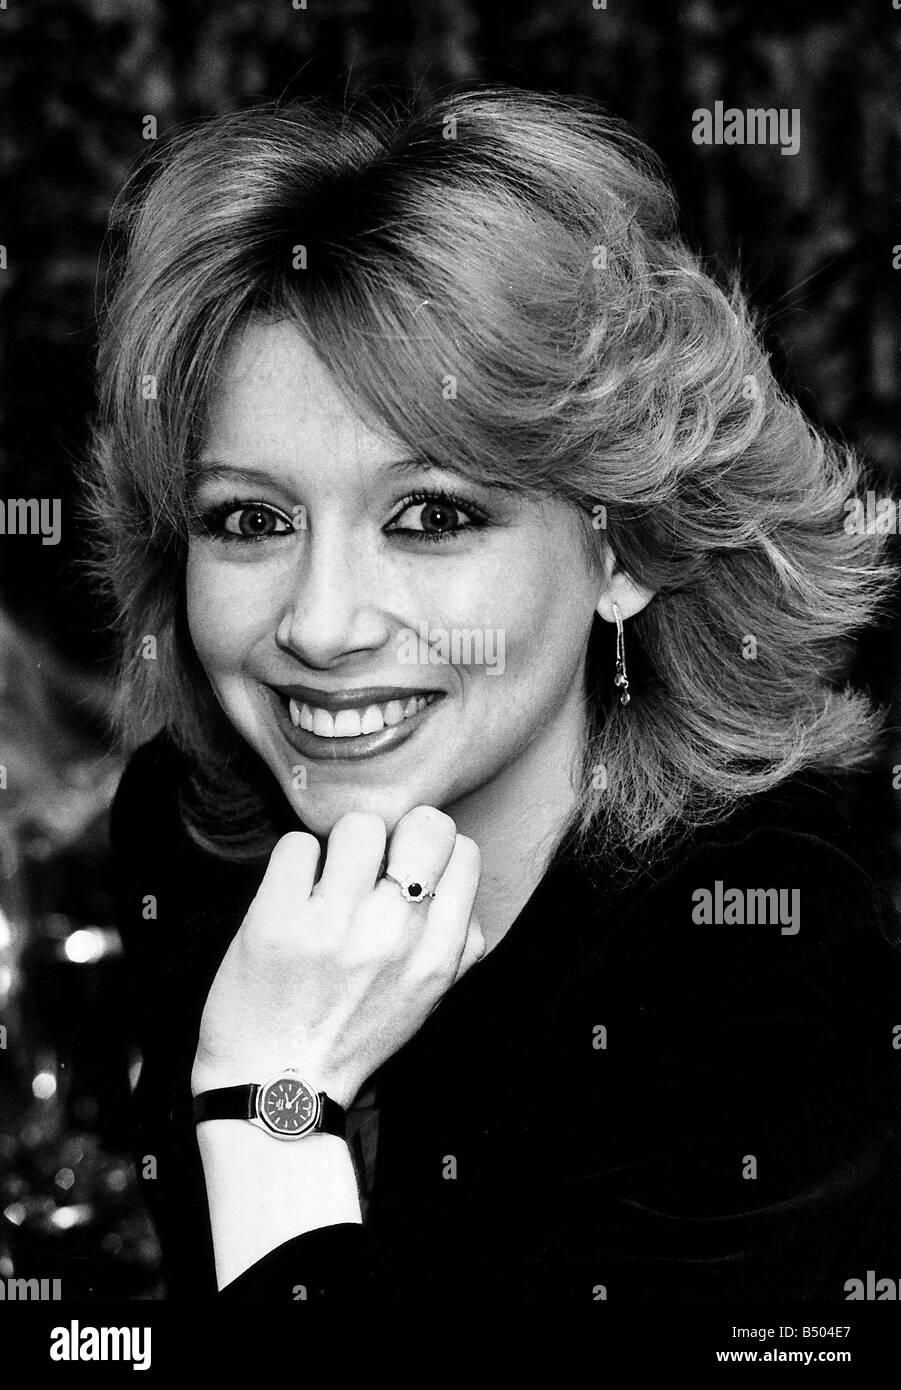 Lena Zavaroni Pop Singer msi - Stock Image